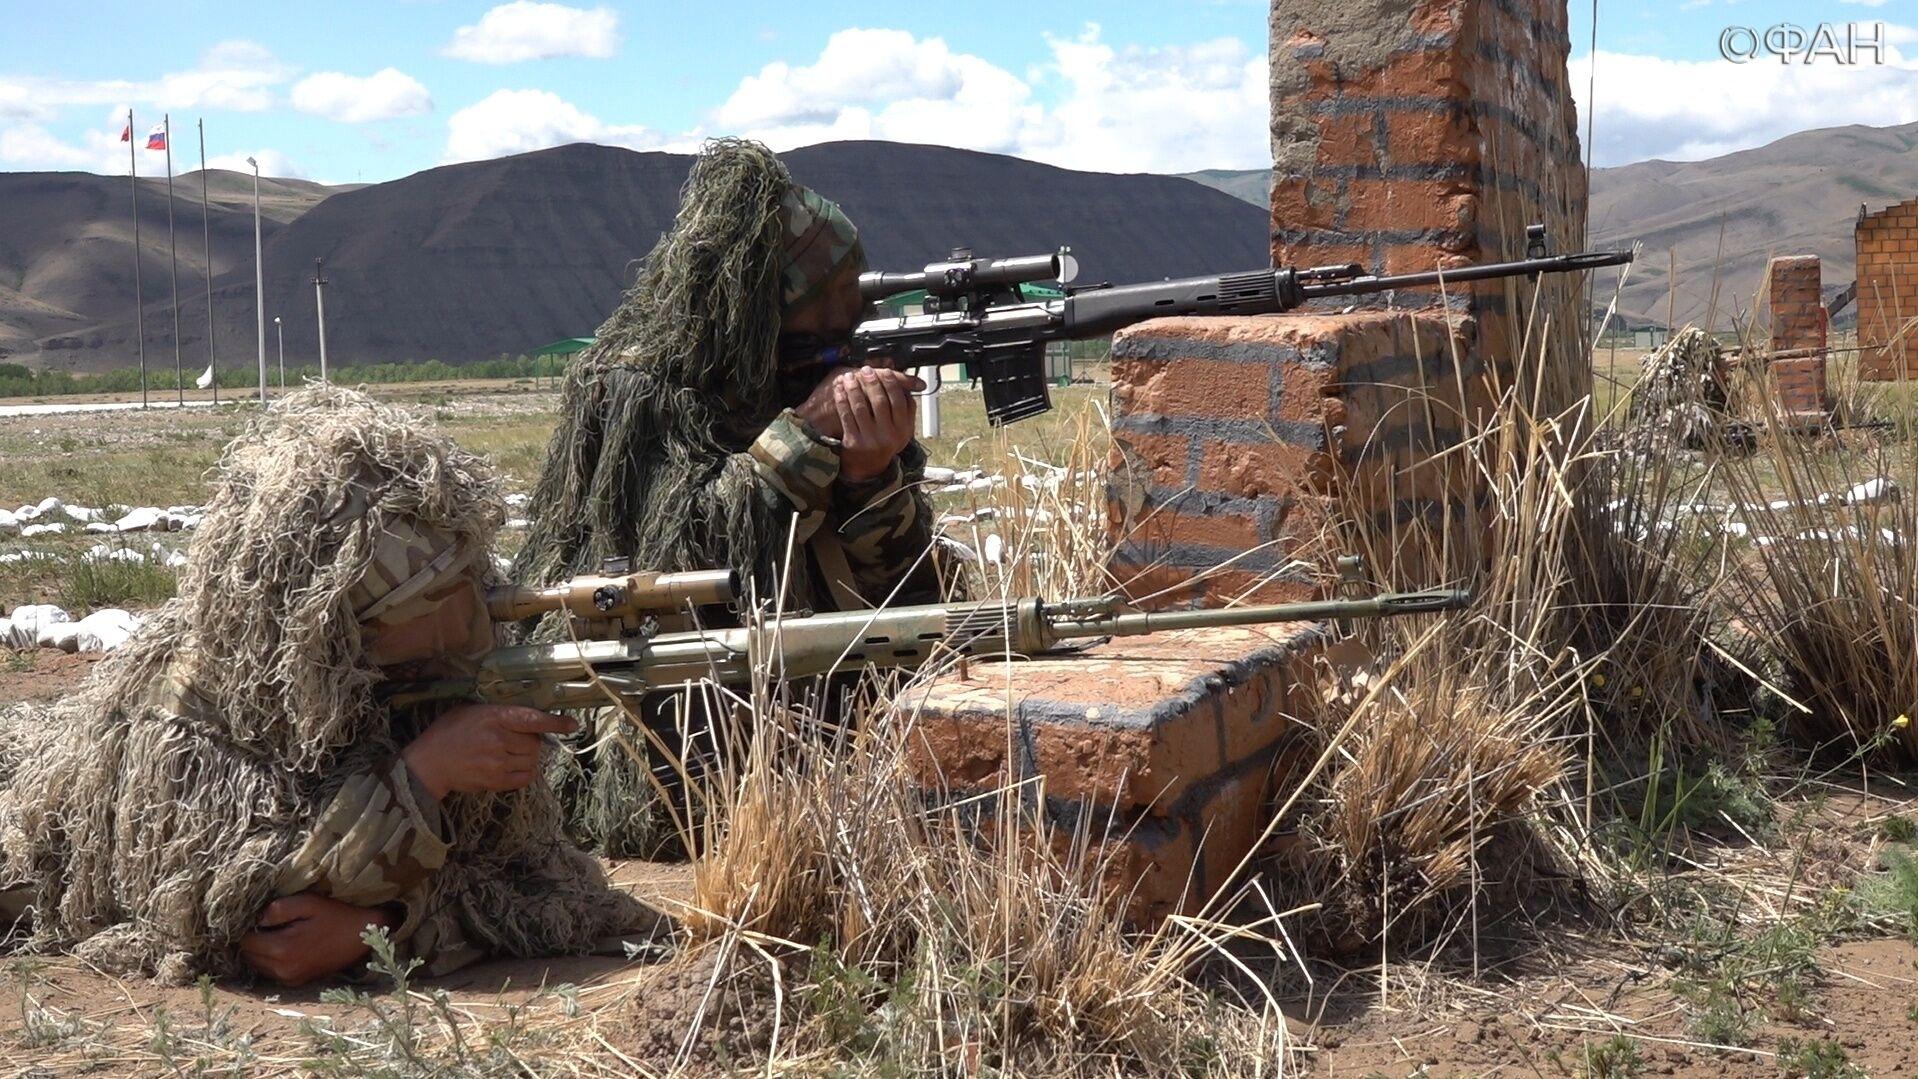 Новую дальнобойную винтовку передадут на испытания силовым ведомствам до конца года